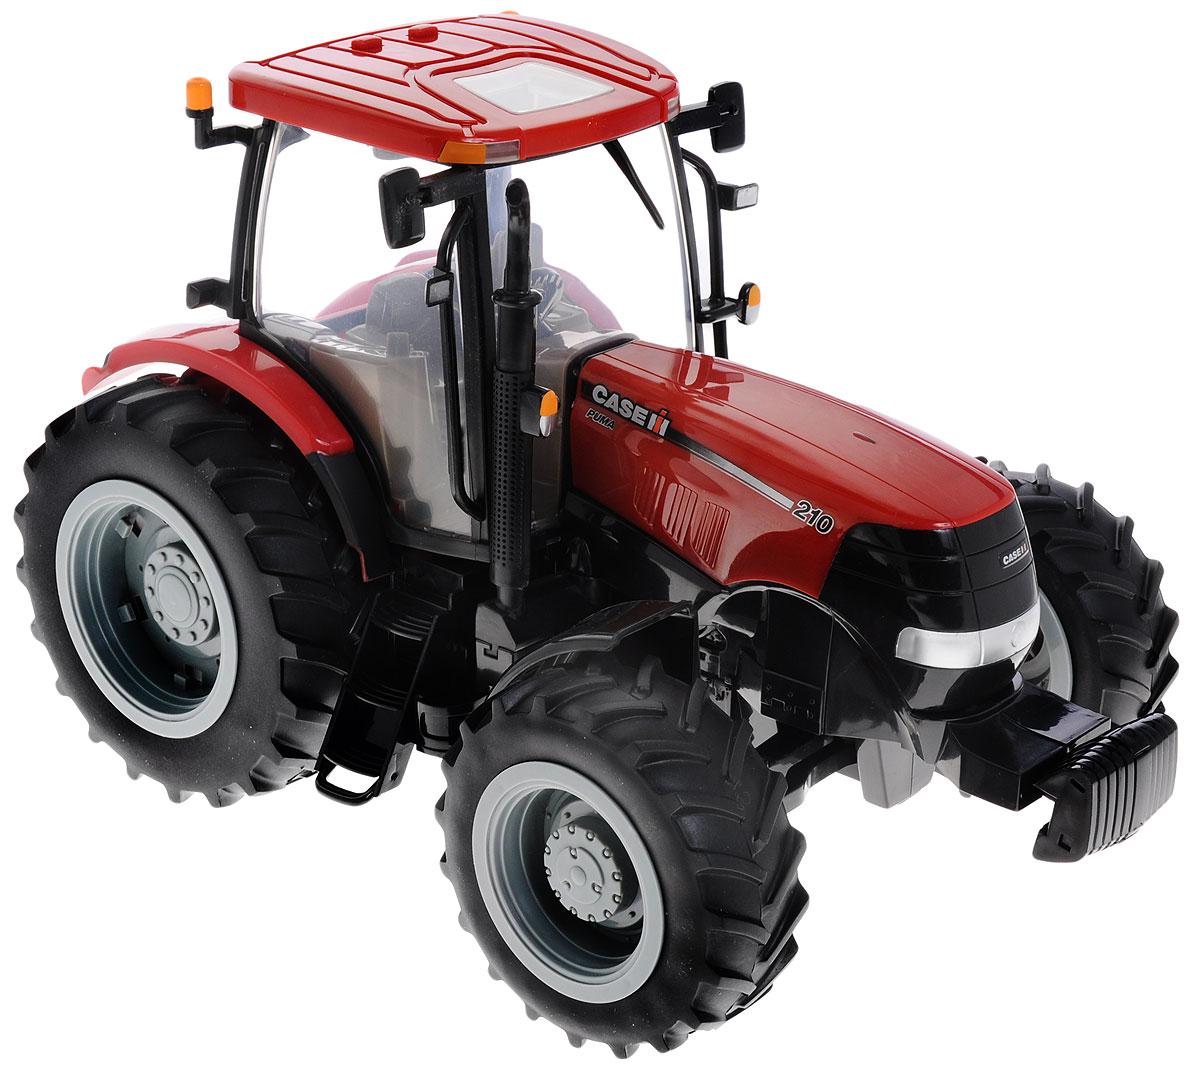 Tomy Трактор Case IH 210 Puma42424A1Трактор Tomy Case IH 210 Puma - это уменьшенная копия настоящего сельскохозяйственного трактора, выполненная в высоком качестве и с большим вниманием к деталям. Универсальный компактный трактор идеально подходит для ролевых игр. Модель имеет реалистичную кабину с сиденьем водителя, вращающимся рулем и открывающимся капотом, предоставляя доступ к двигателю. У трактора мощные прорезиненные колеса, что обеспечивает сохранность напольного покрытия. Игрушка оснащена реалистичными световыми и звуковыми эффектами. Таким трактором можно играть дома и на улице. Рекомендуется докупить 3 батарейки напряжением 1,5V типа ААА (товар комплектуется демонстрационными).